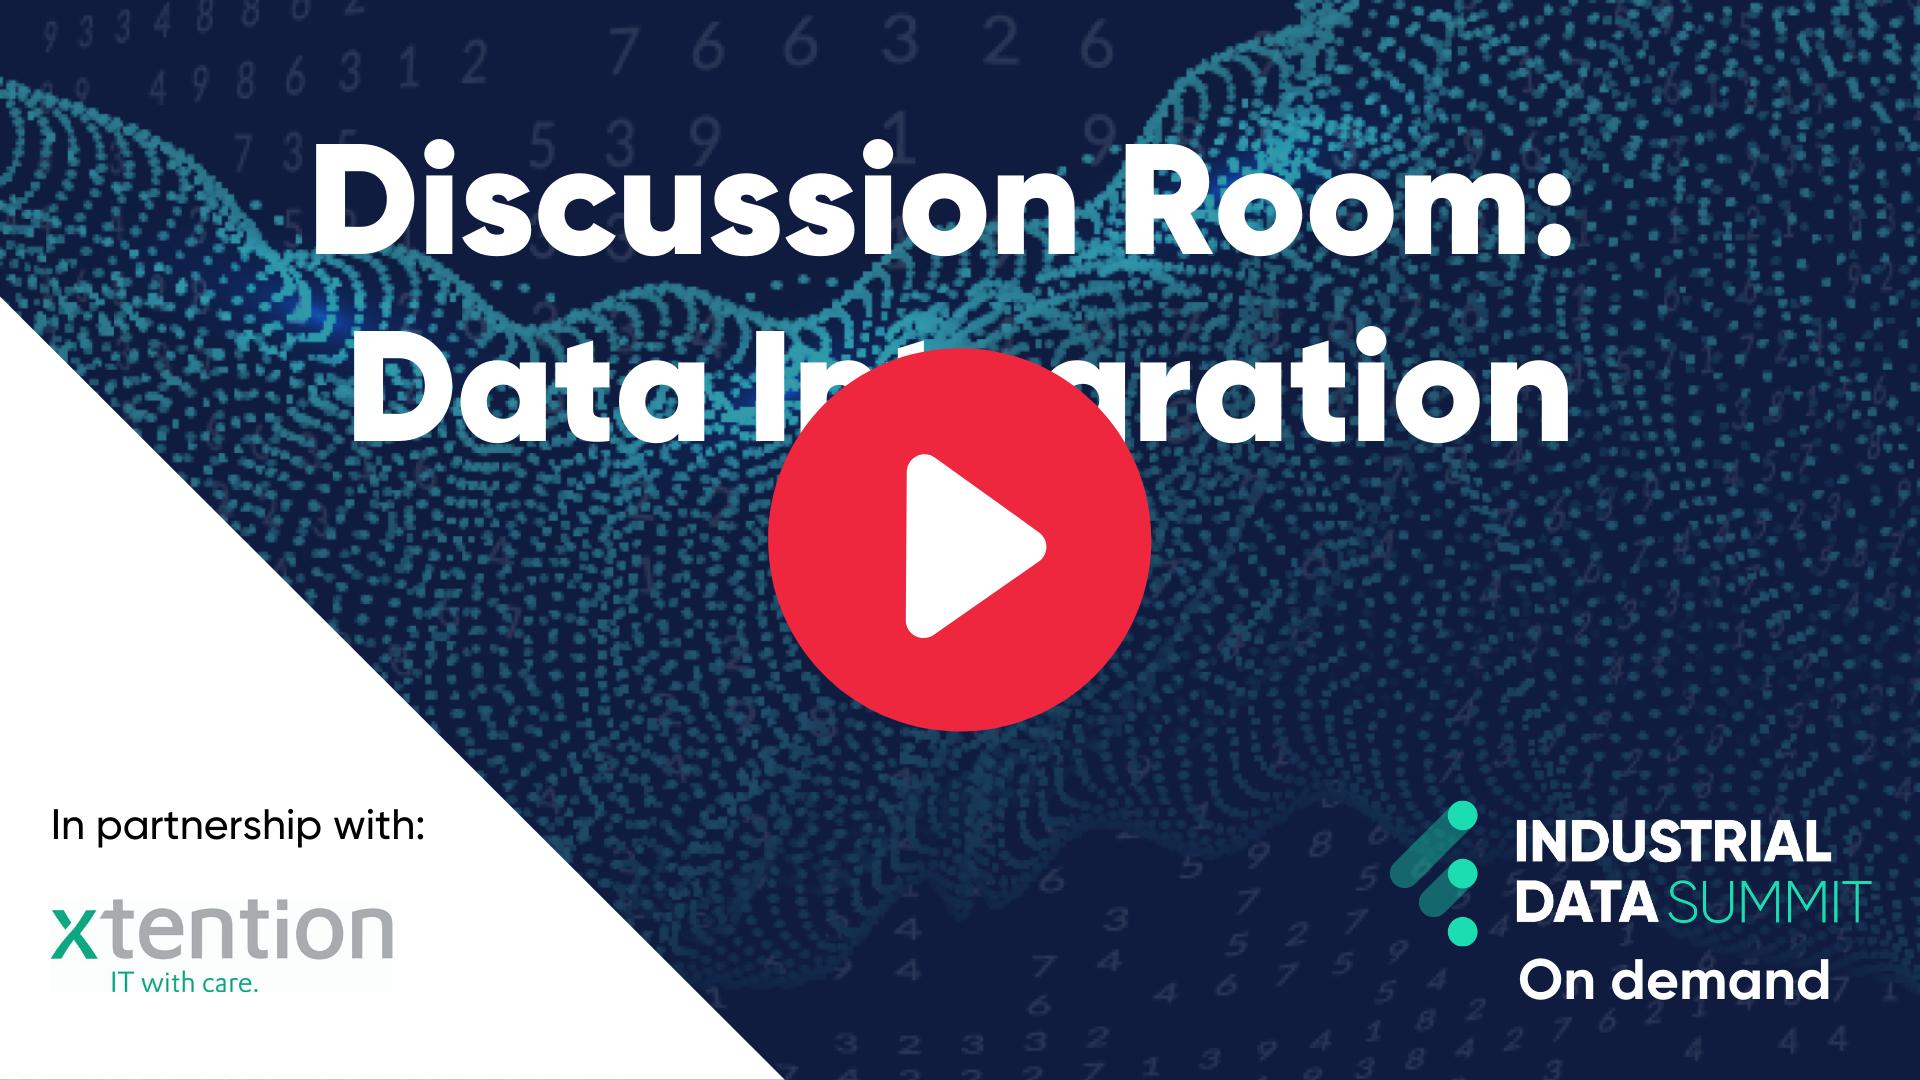 DR Data Integration